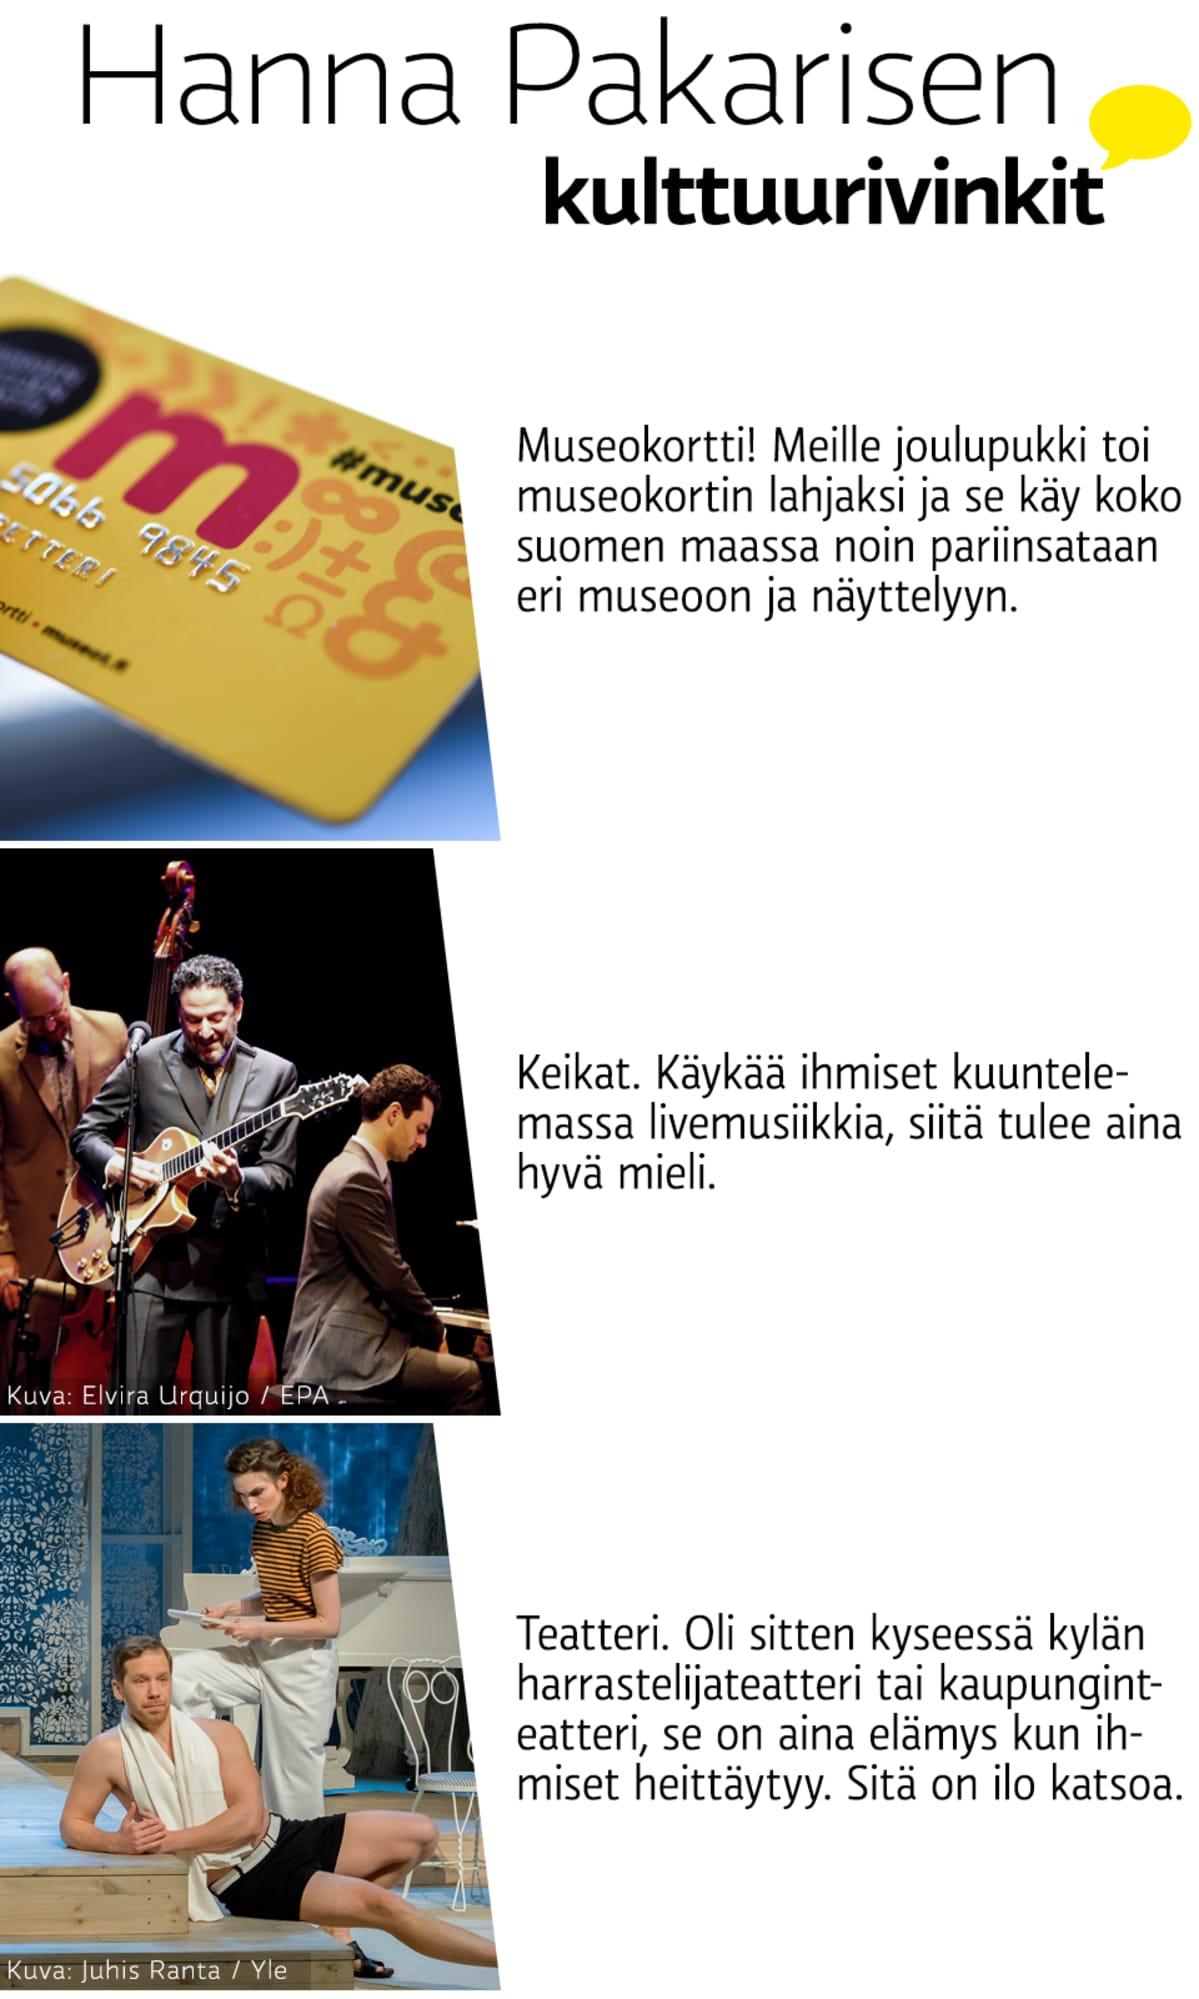 Hanna Pakarisen kulttuurivinkit.